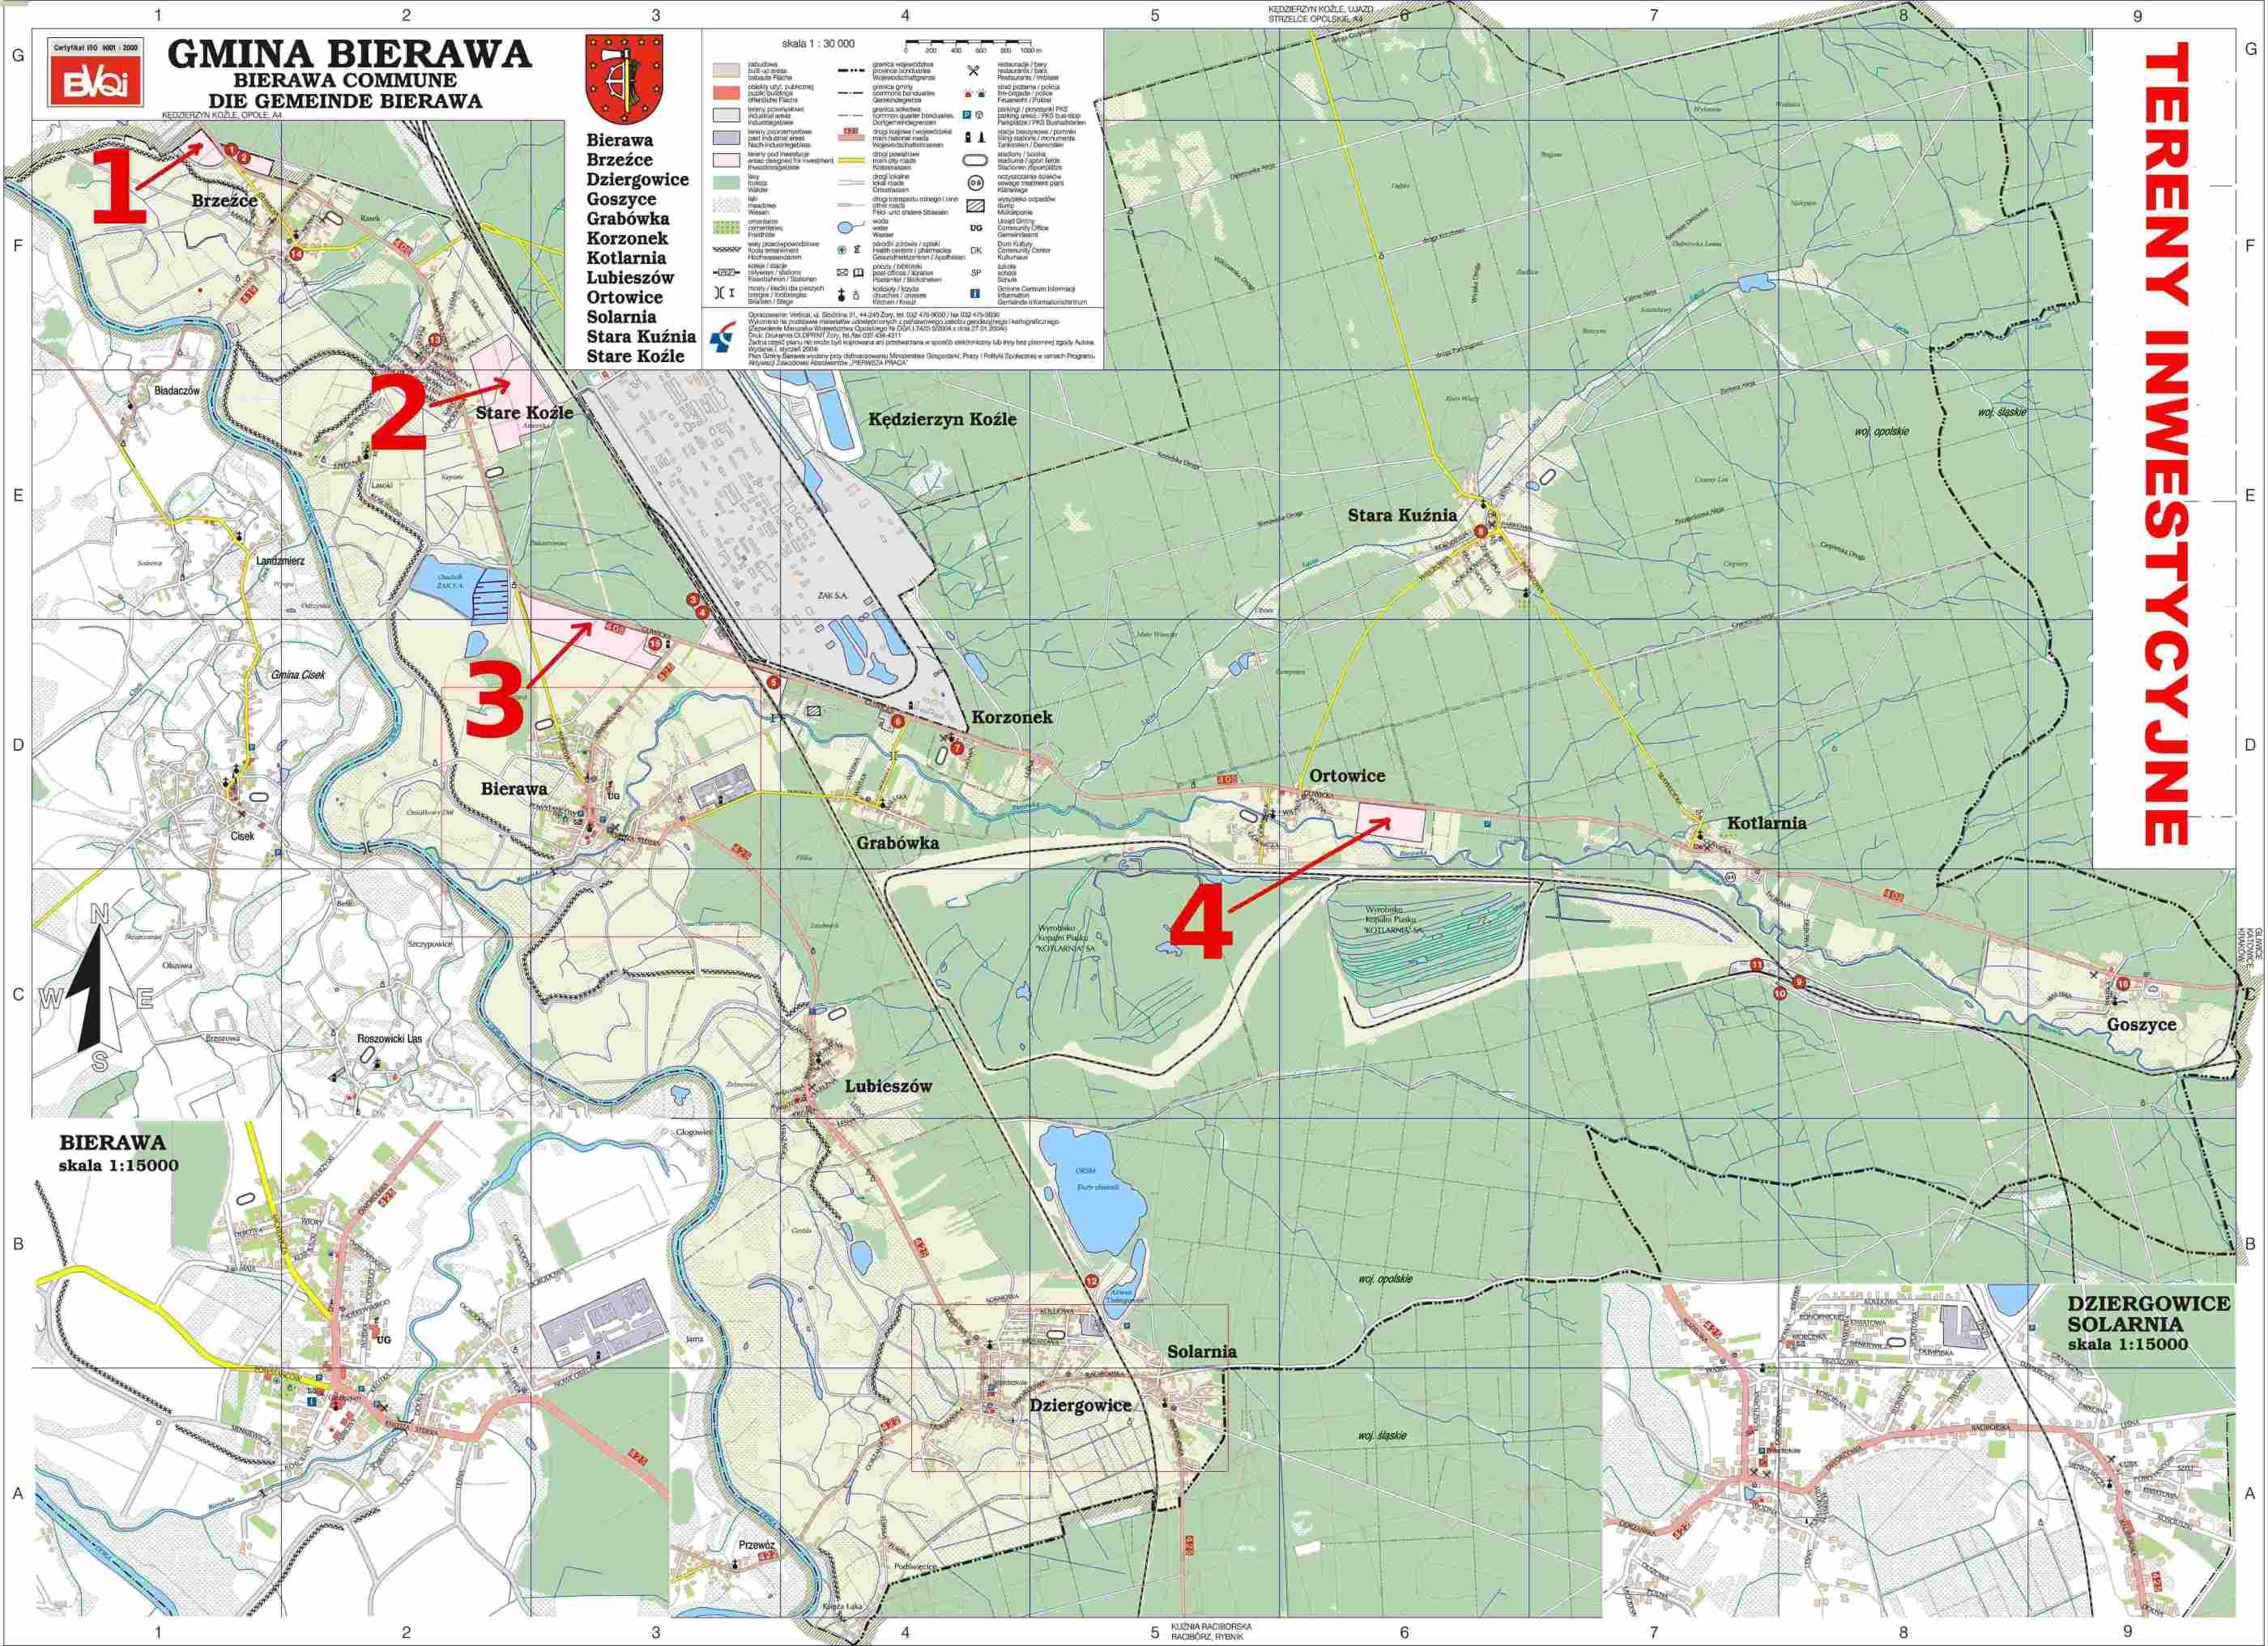 Mapa Gminy Bierawa.jpeg